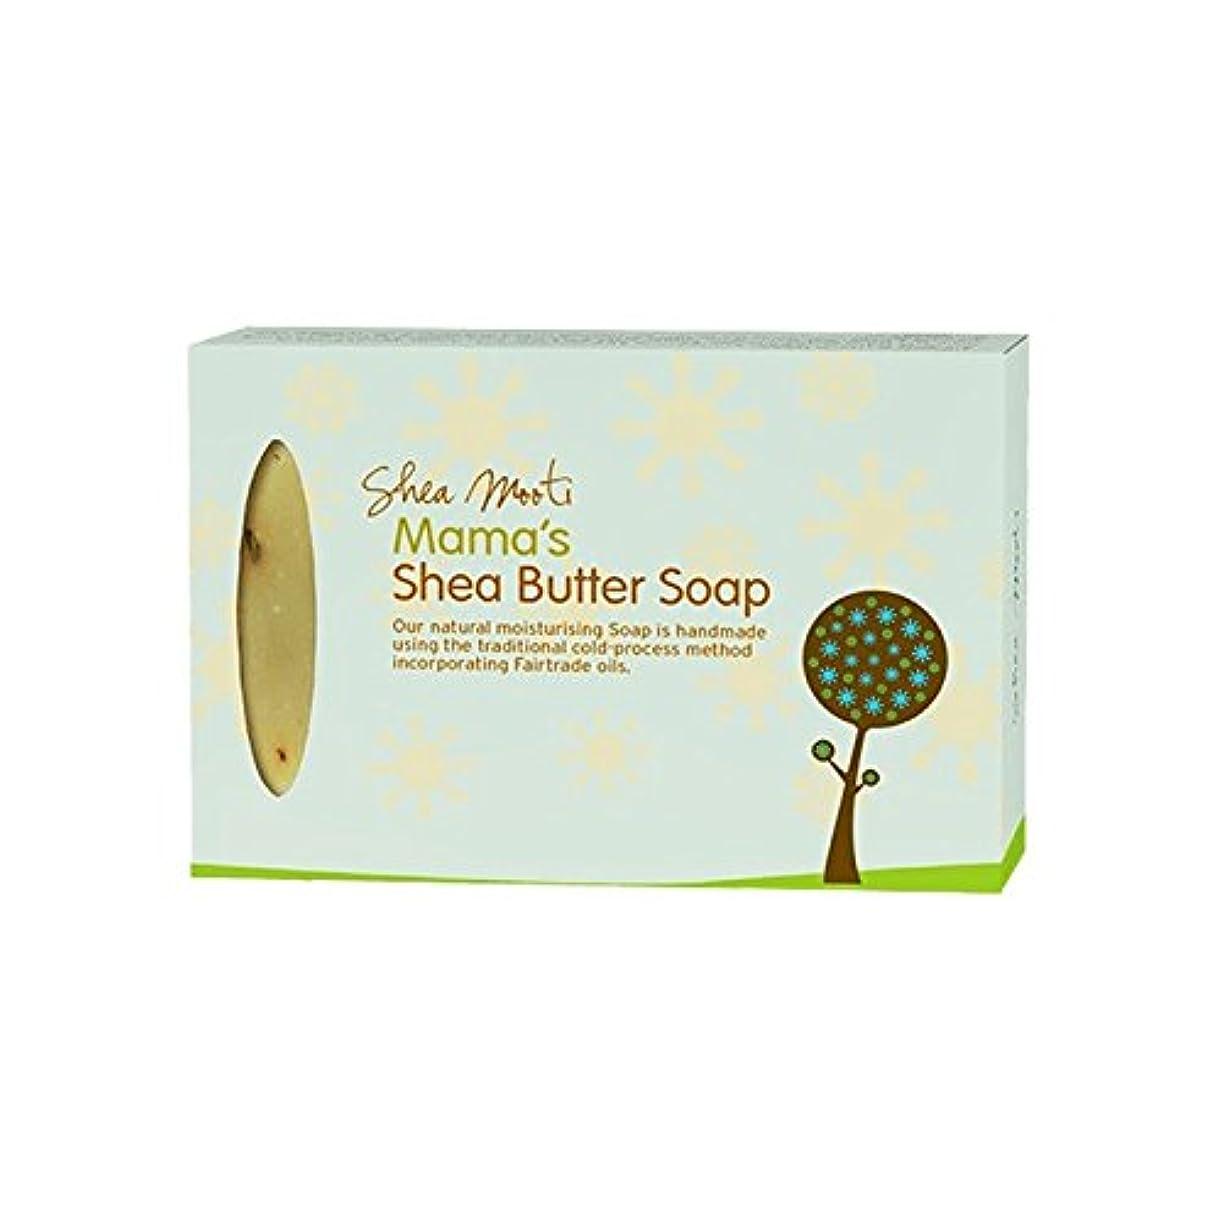 トランスミッションパドルカーペットシアバターMootiママのシアバターソープ100グラム - Shea Mooti Mama's Shea Butter Soap 100g (Shea Mooti) [並行輸入品]